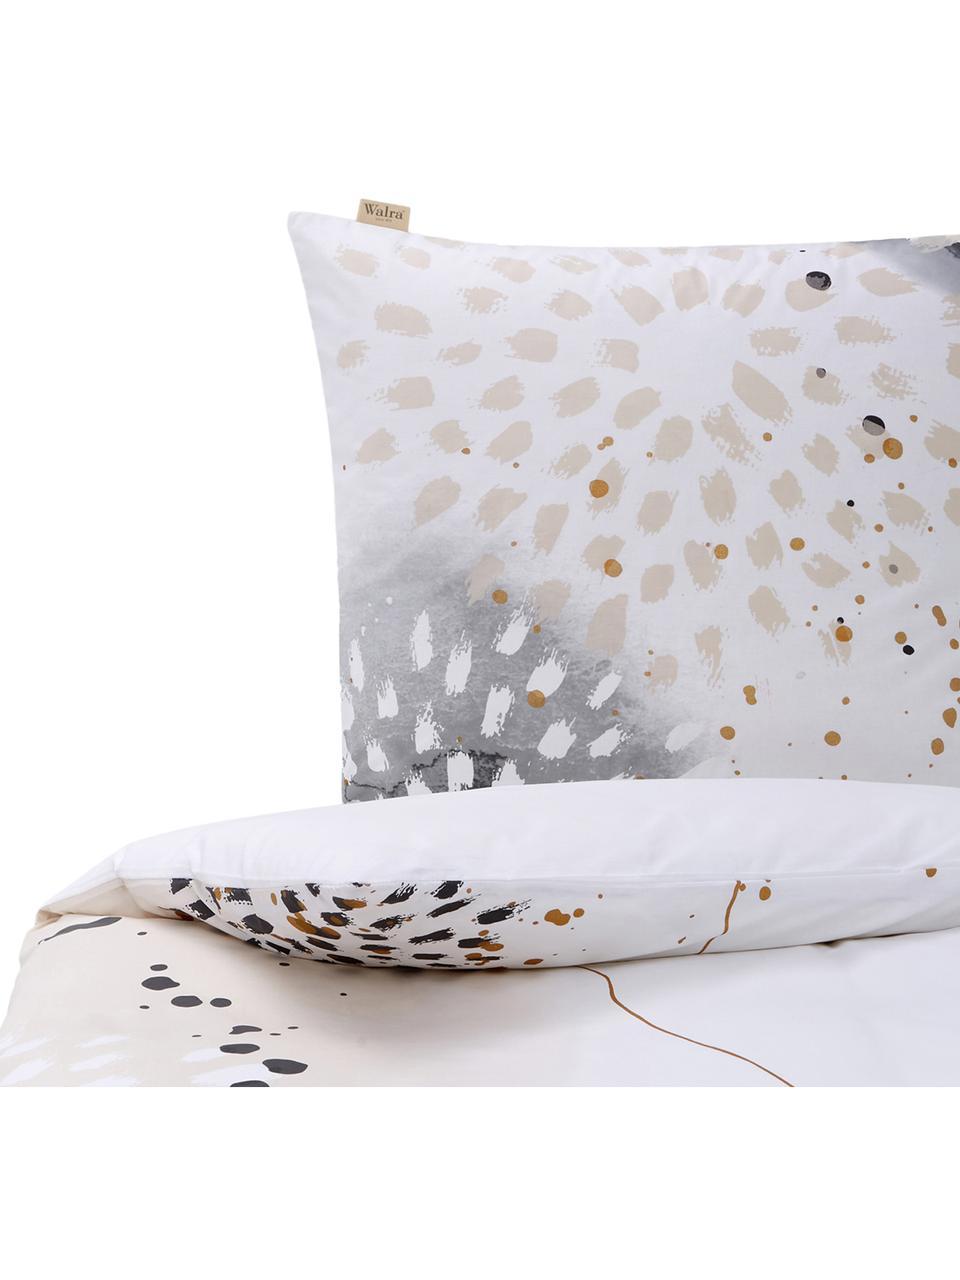 Baumwoll-Bettwäsche Golden Canvas mit Aquarell-Print, Webart: Renforcé Renforcé besteht, Weiß, Grau, Beige, Goldfarben, 155 x 220 cm + 1 Kissen 80 x 80 cm